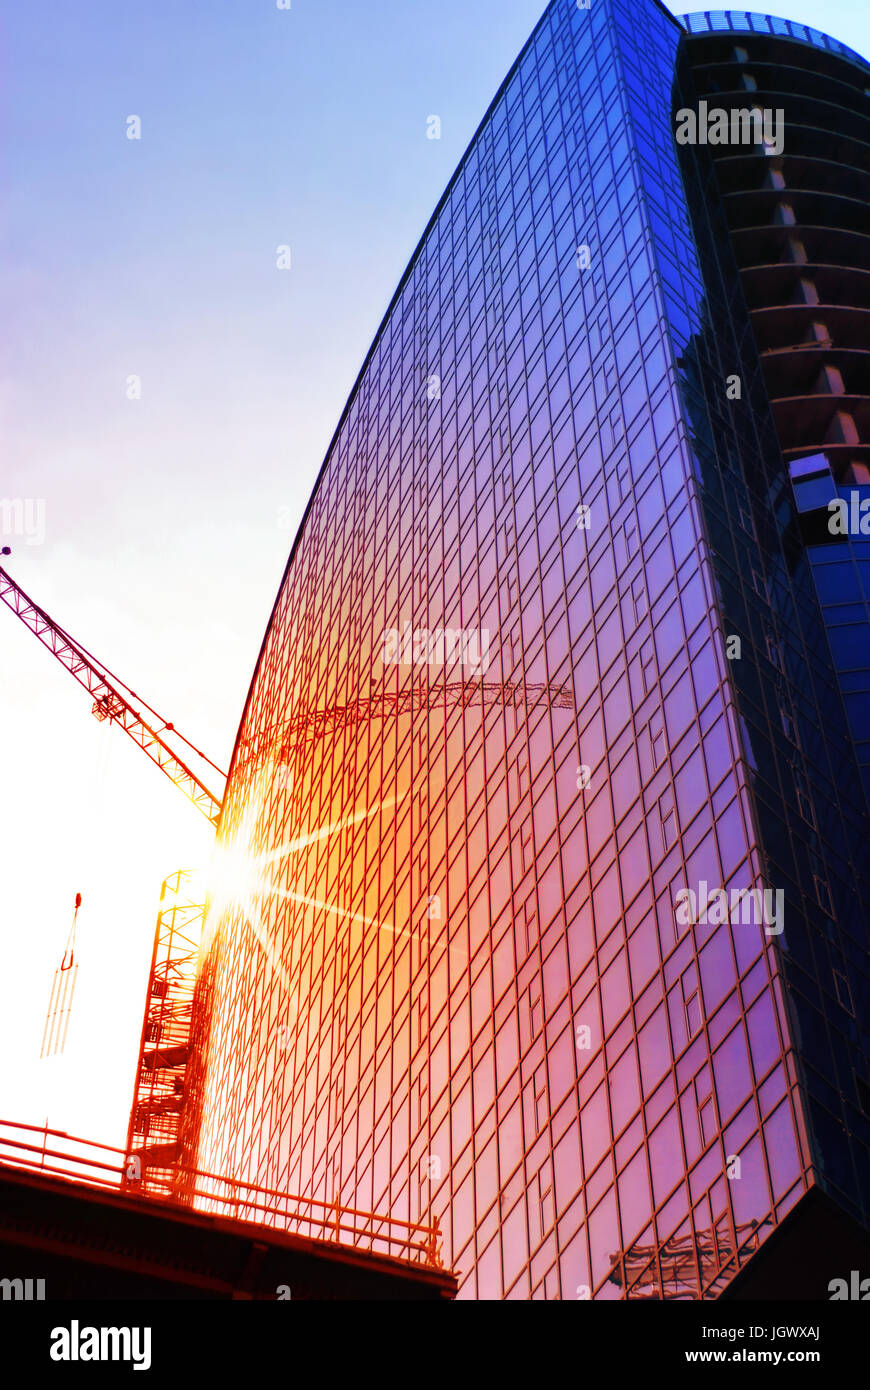 Bau des Wolkenkratzers, Projekt-engineering Stockbild